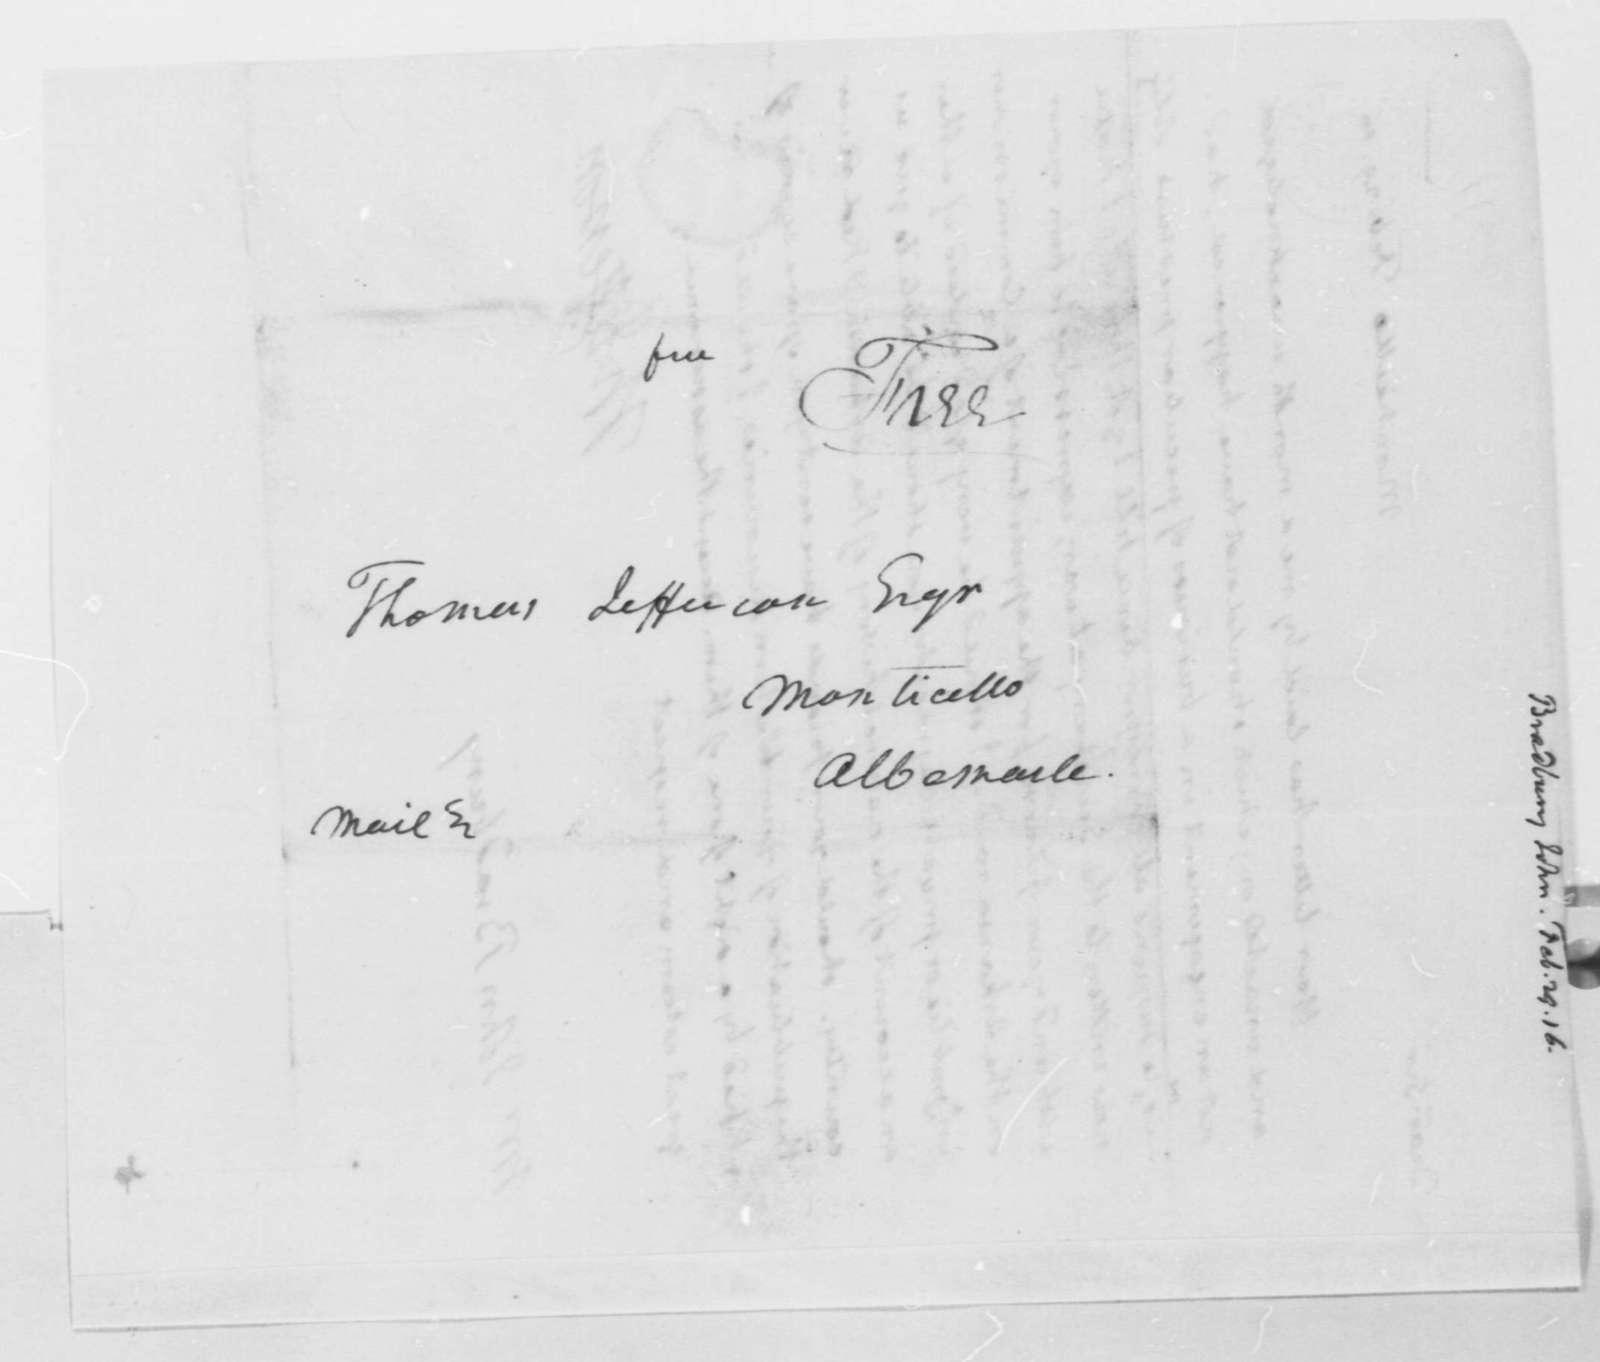 Thomas Jefferson to John Bradbury, February 29, 1816, with Copy